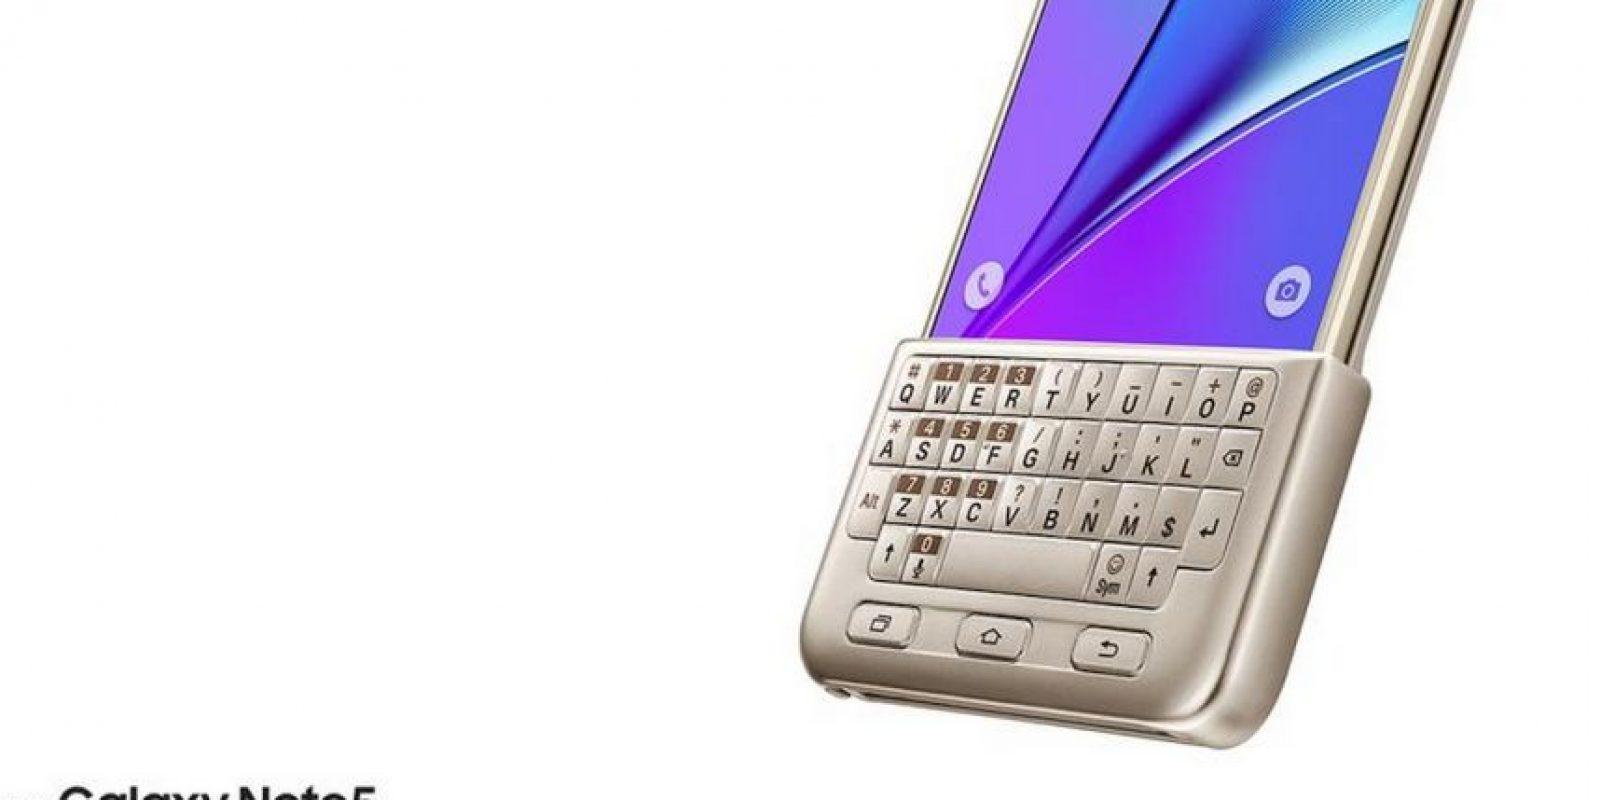 Teclado ajustable que funciona para todas las funciones del software Android Lollipop Foto:Samsung